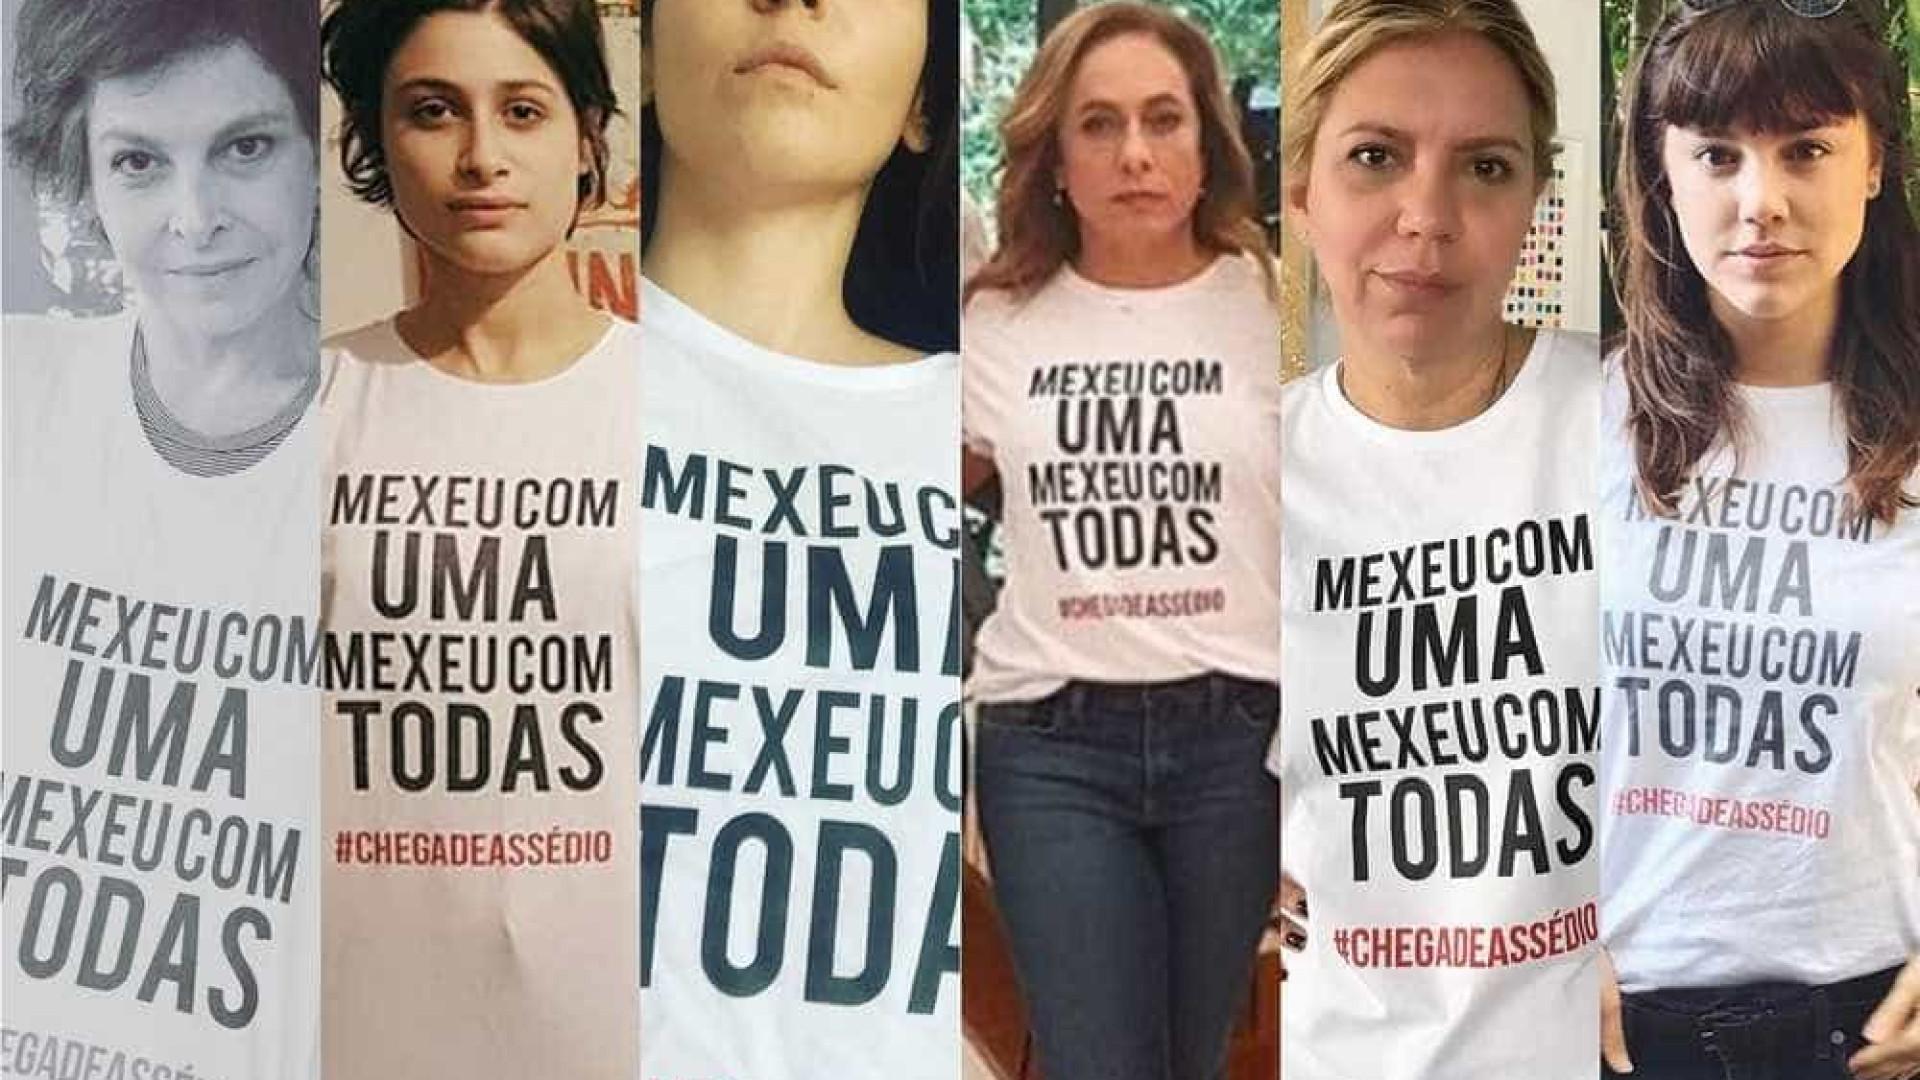 Camisetas usadas em protesto contra ator serão comercializadas no RJ